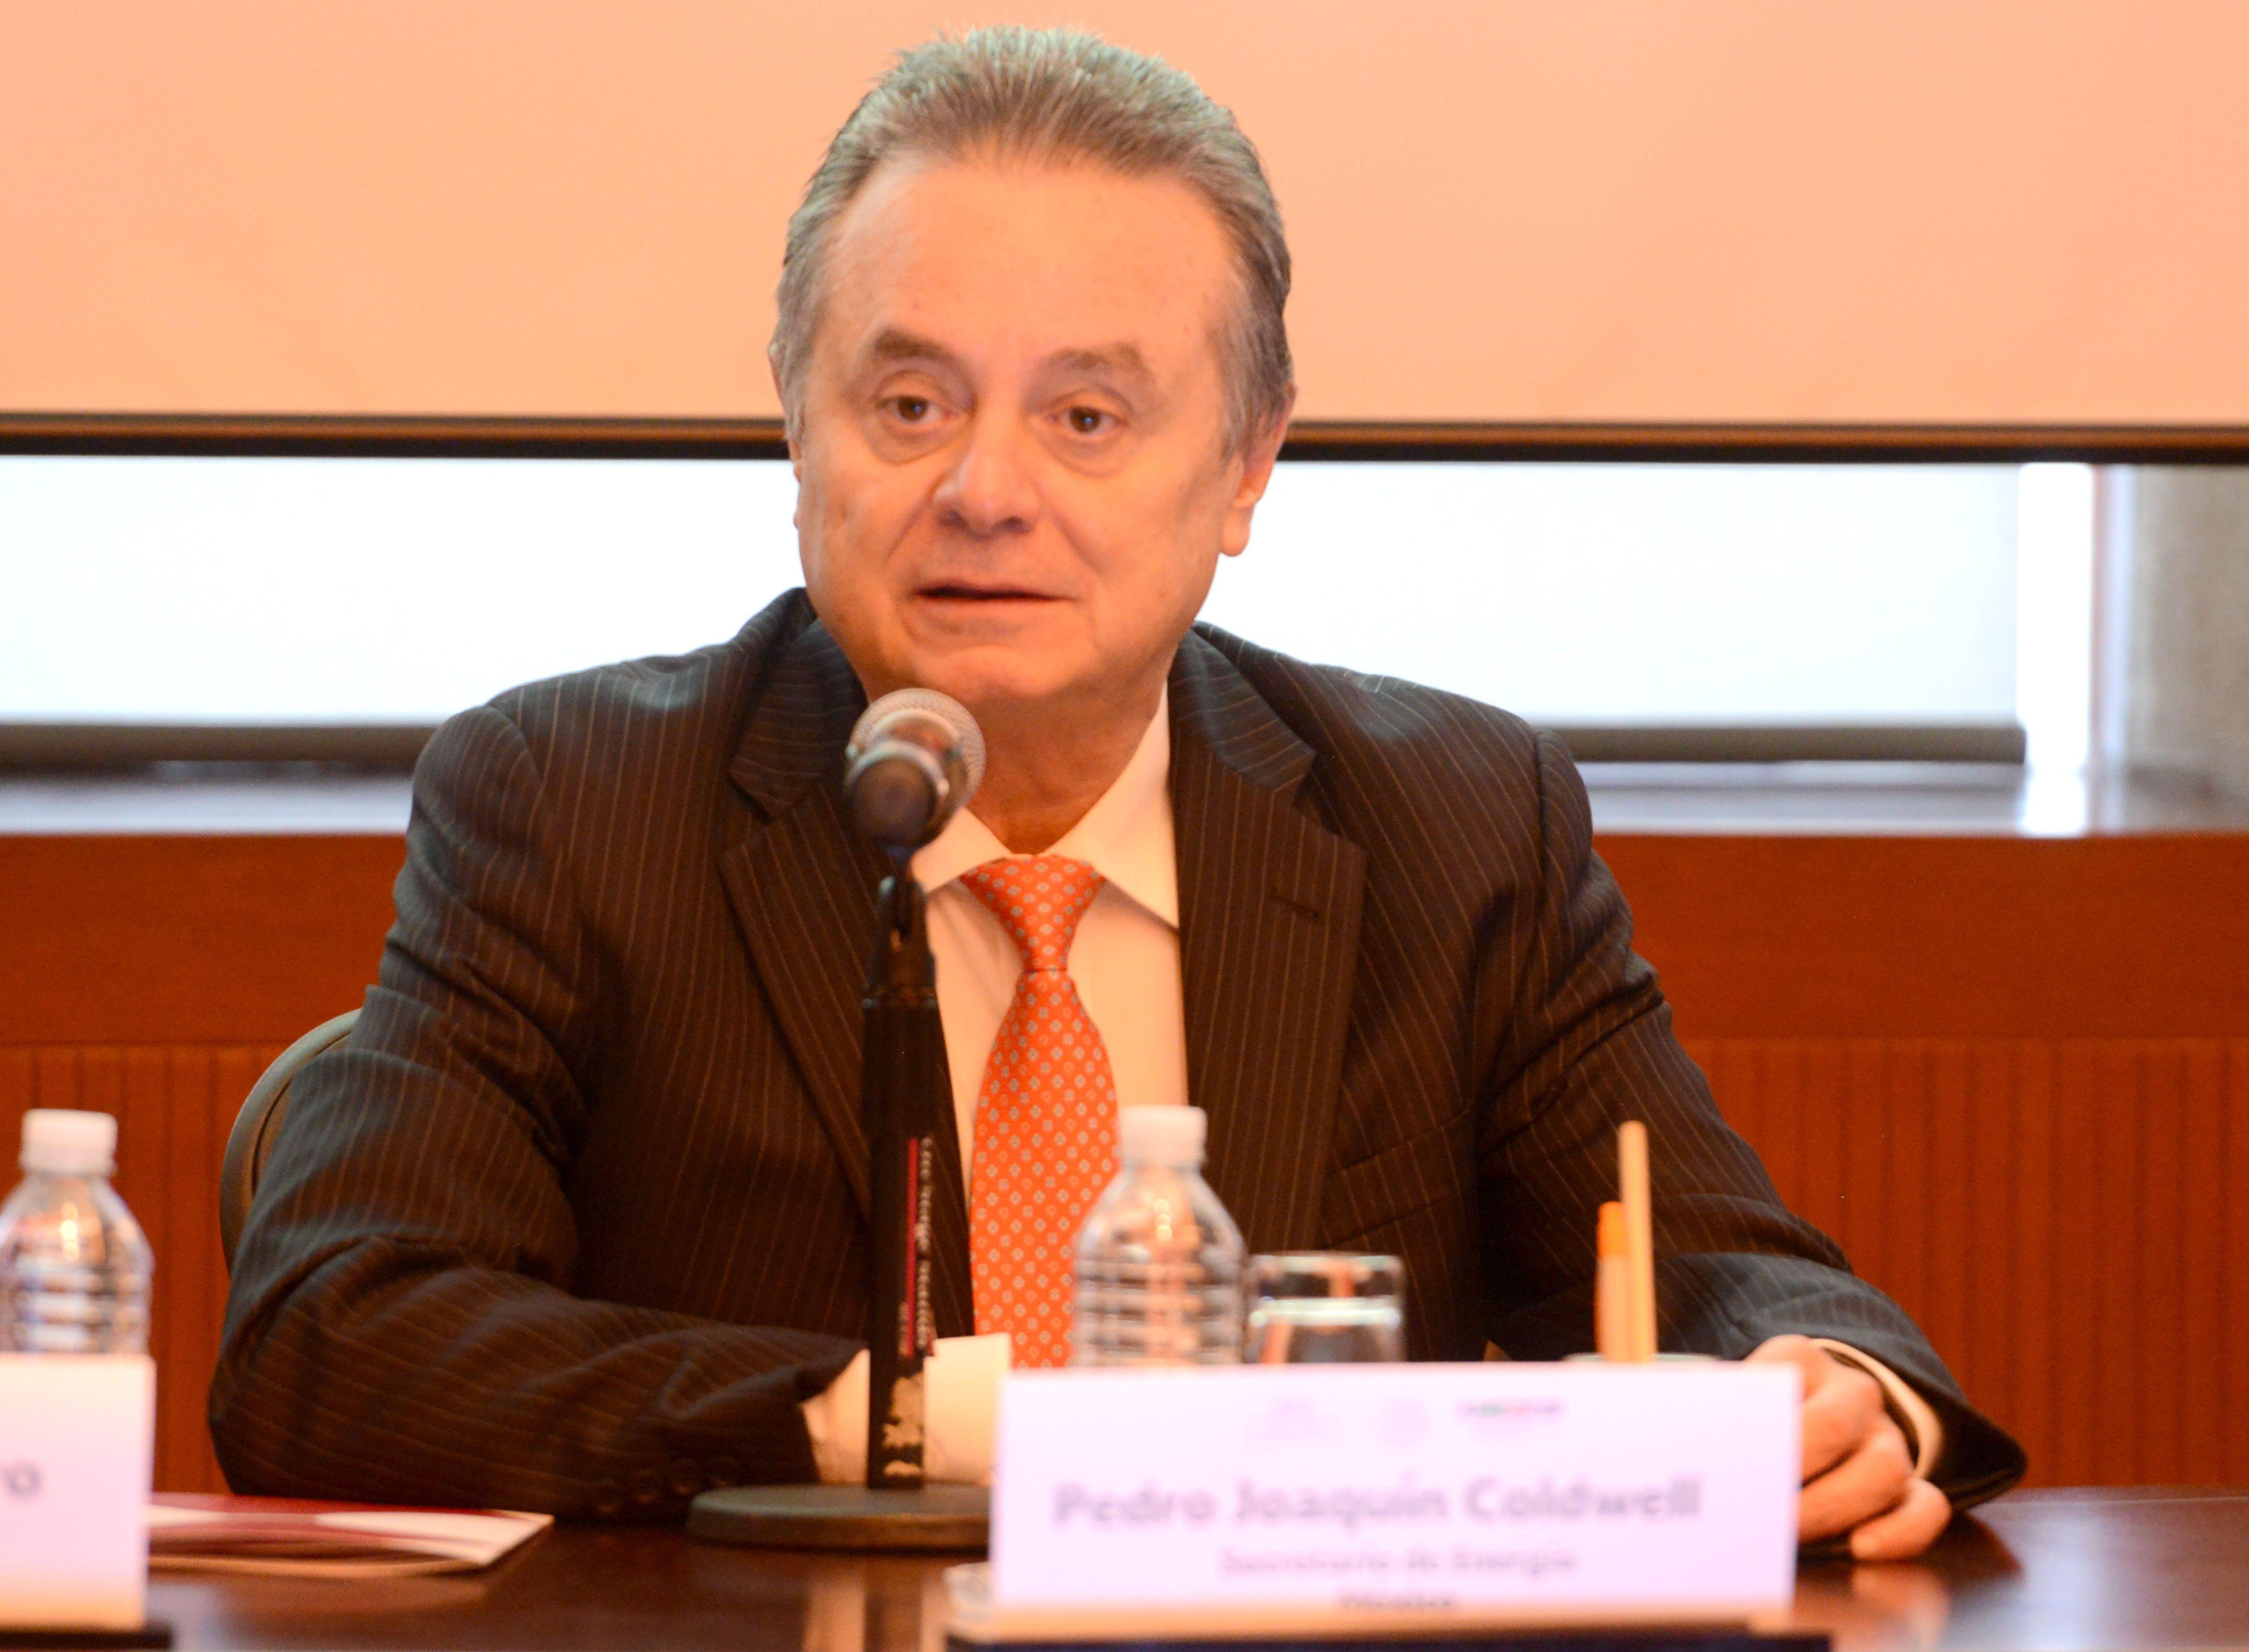 Sener recorta 40,000 mdd al estimado de inversión por reforma energética